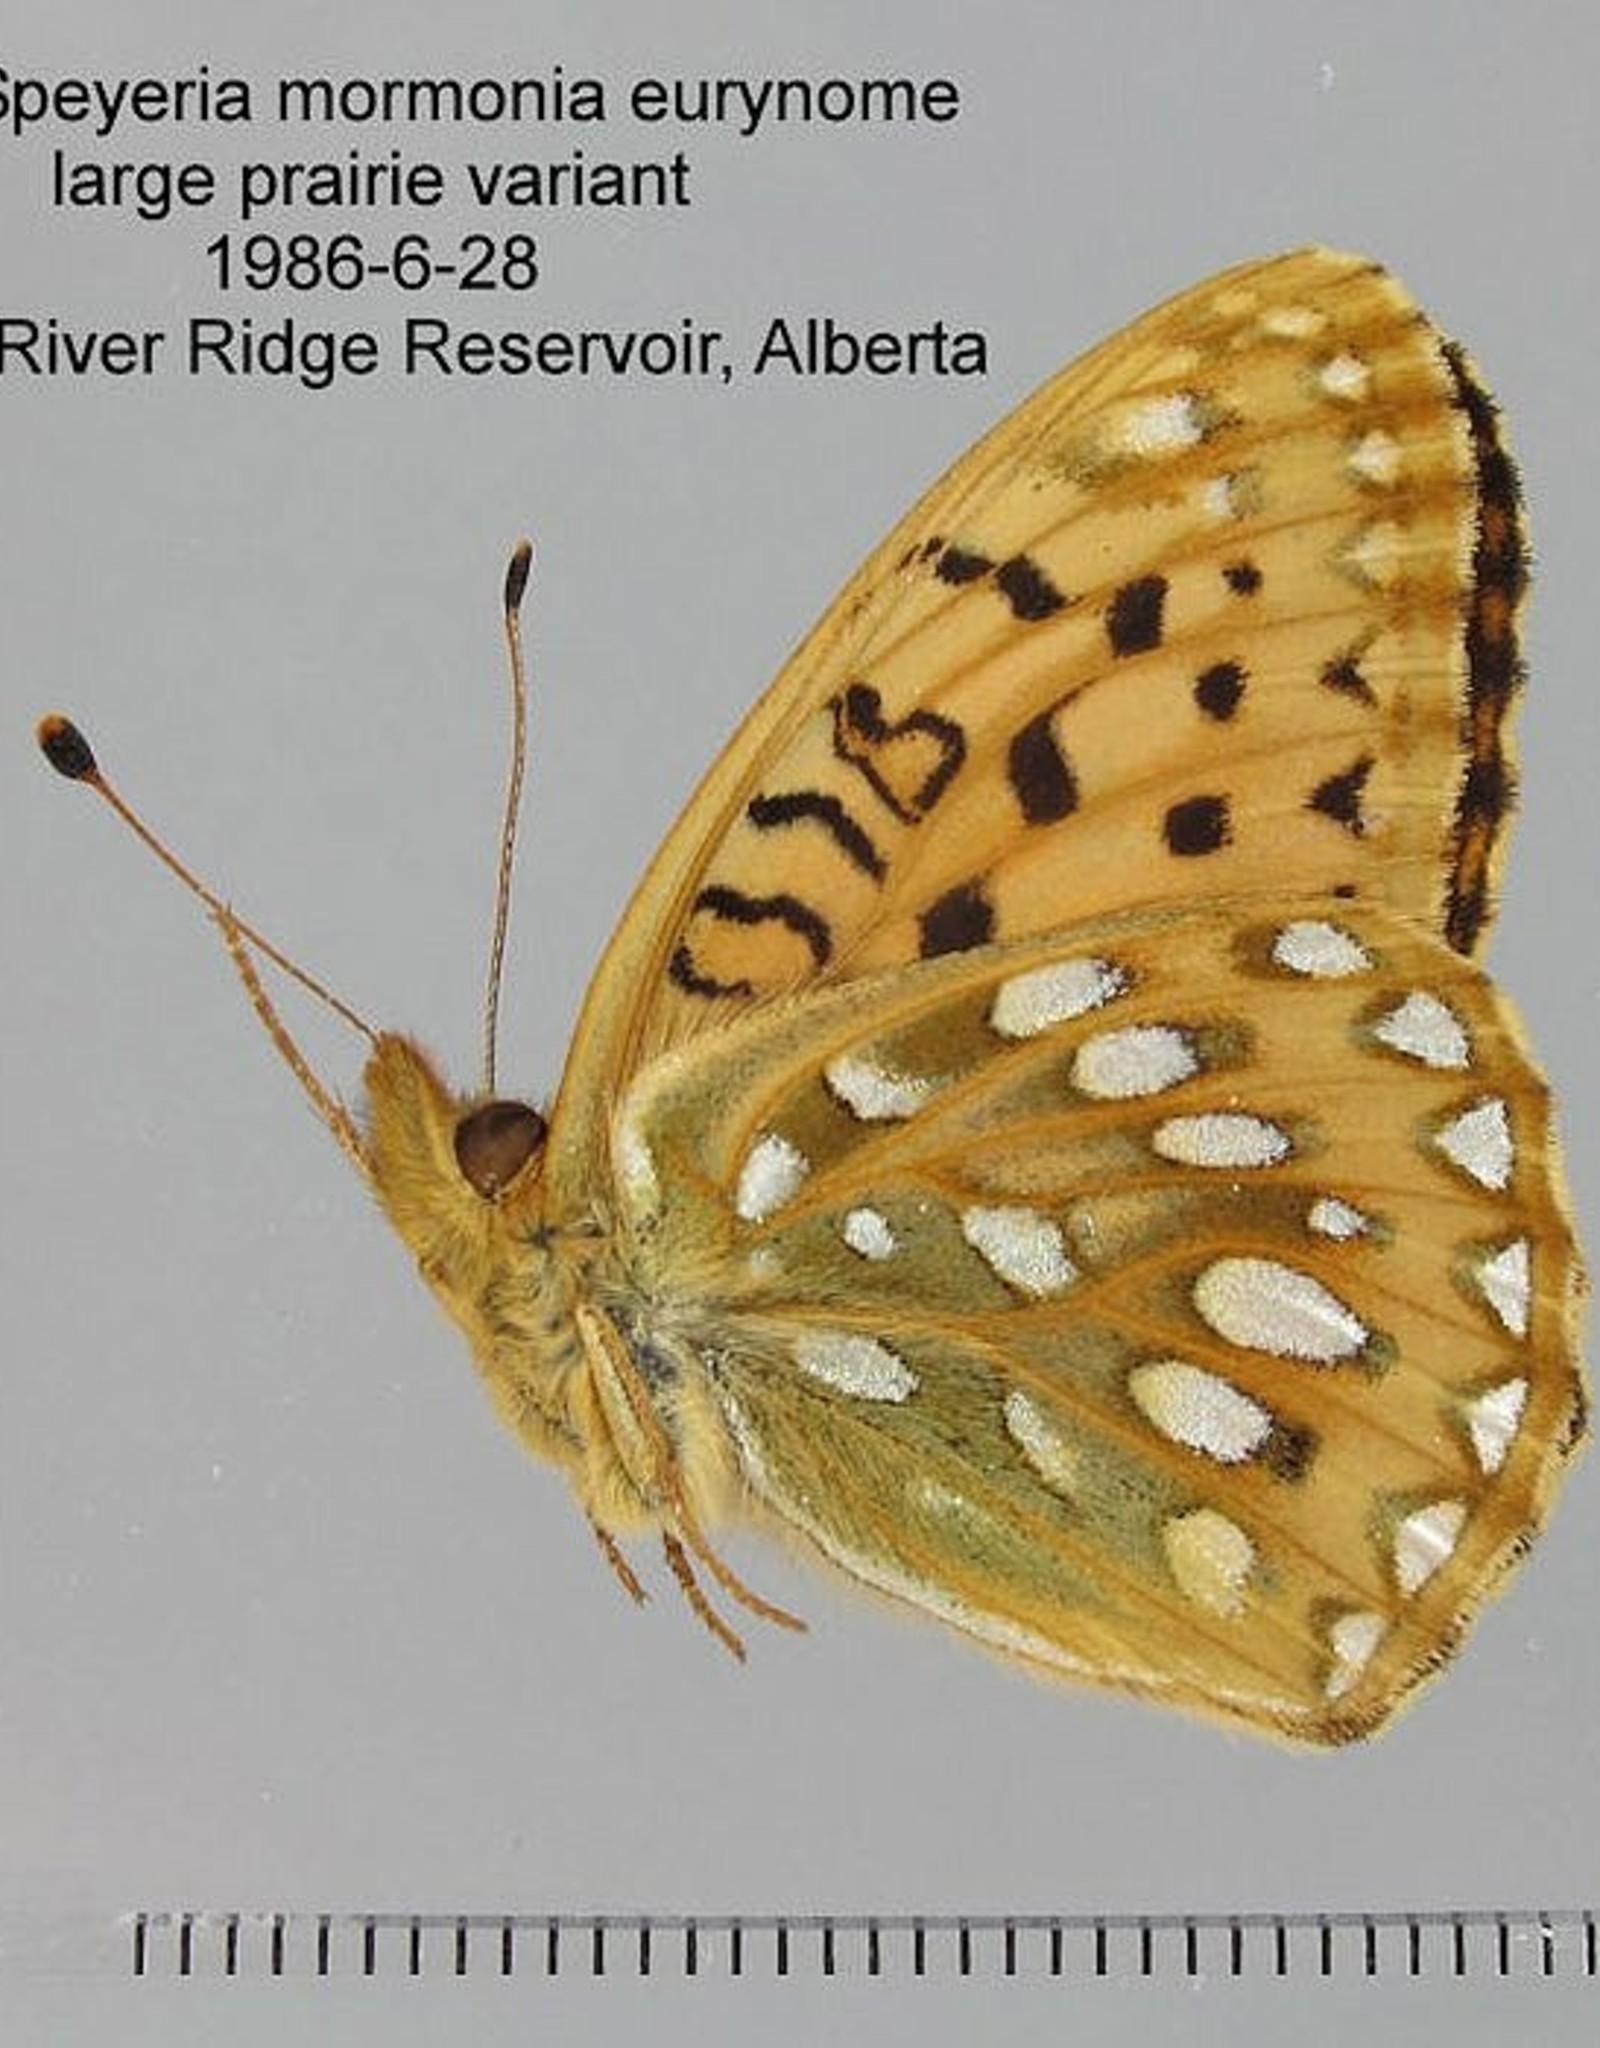 Speyeria mormonia eurynome M A1- Canada